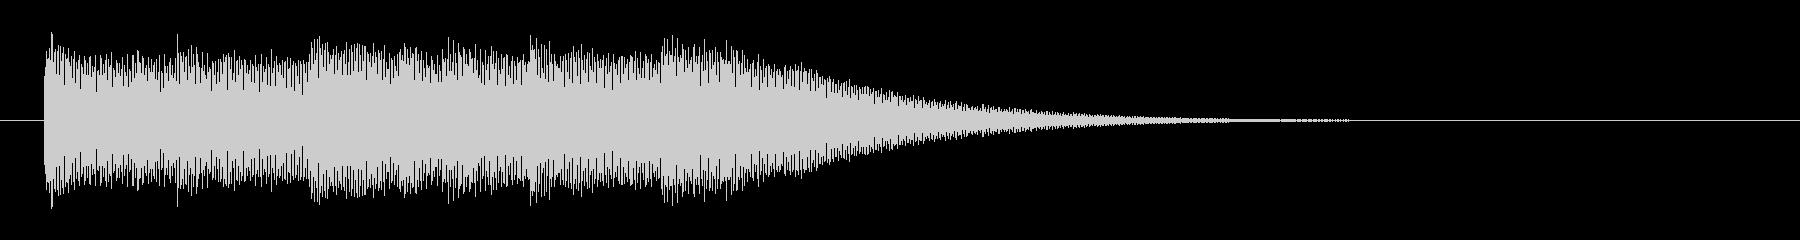 スタイリッシュな映像オープニングロゴの未再生の波形